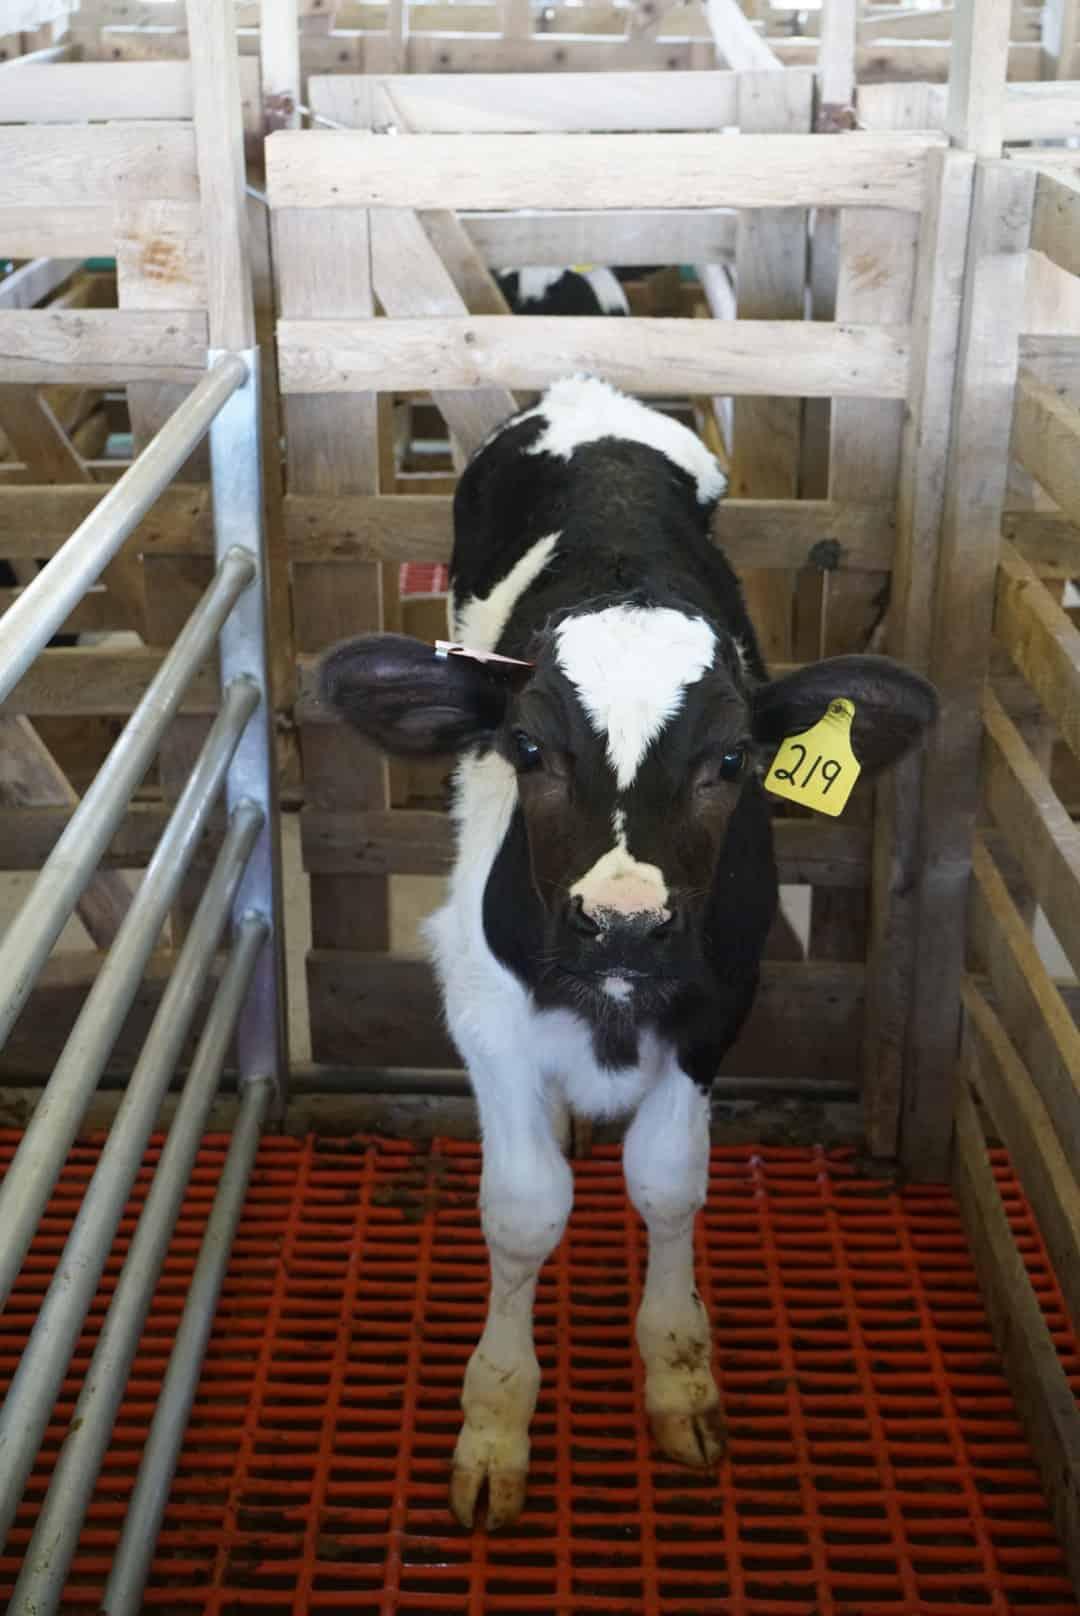 veal calf in pen